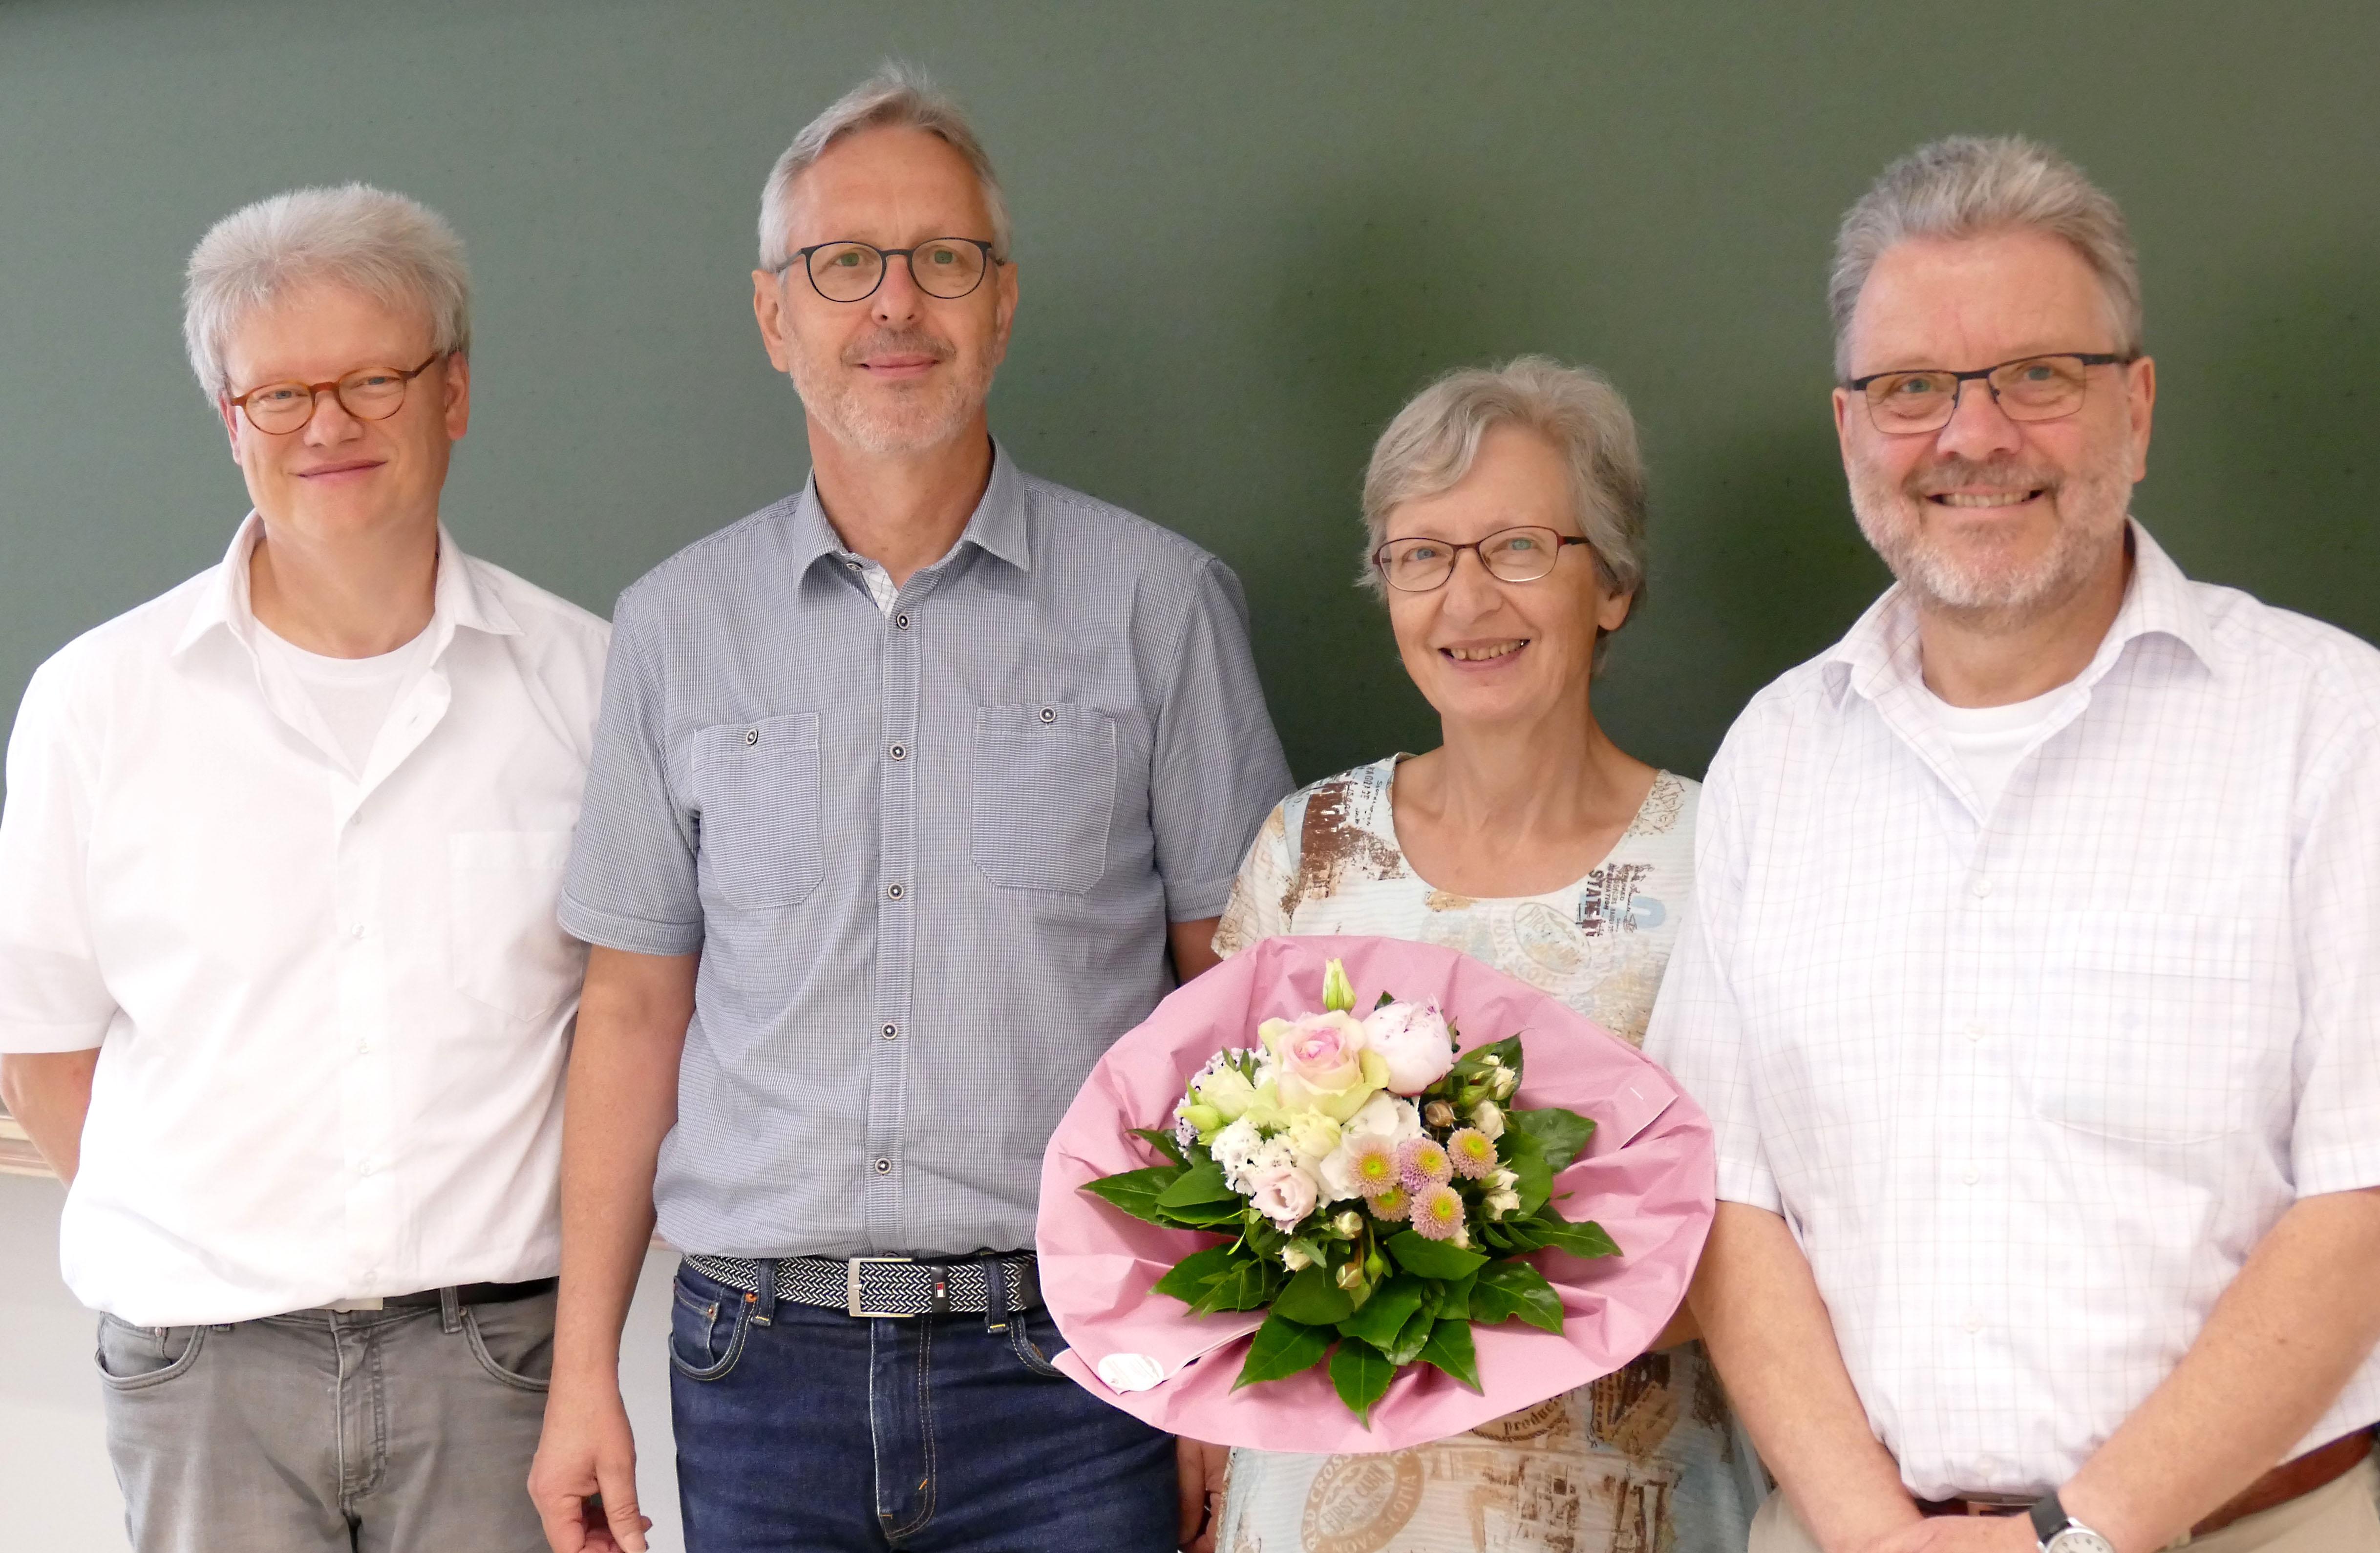 Dekan Prof. Dr. Reinhart Job, Prof. Dr. Hans Effinger, Prof. Dr. Laurenz Göllmann und Dorothee Eylert